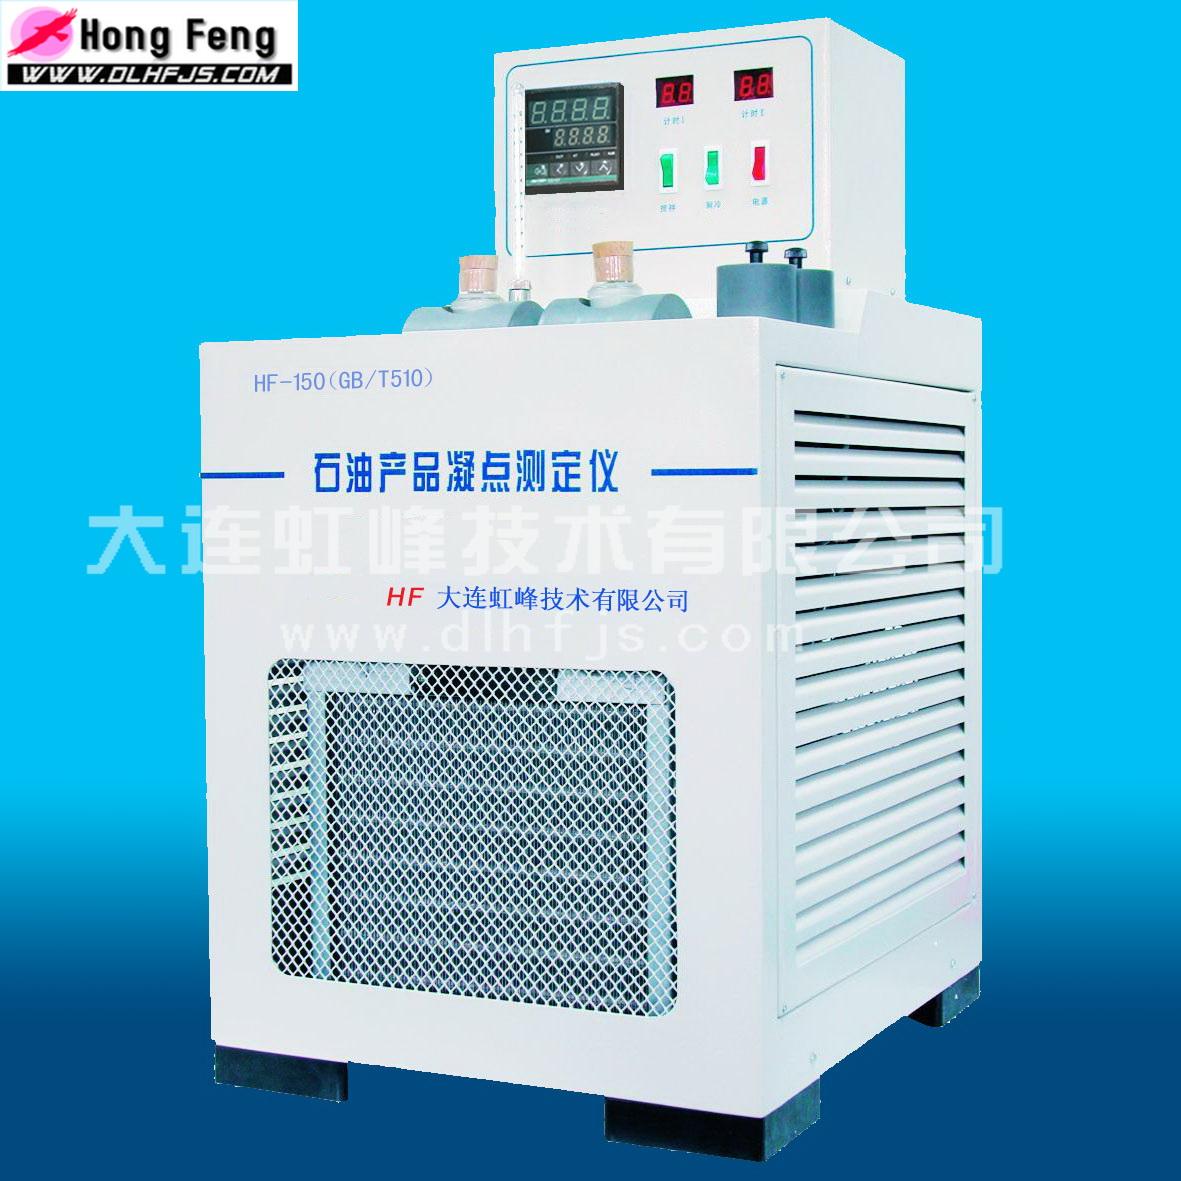 石油产品凝点测定仪(-40℃)GB/T510